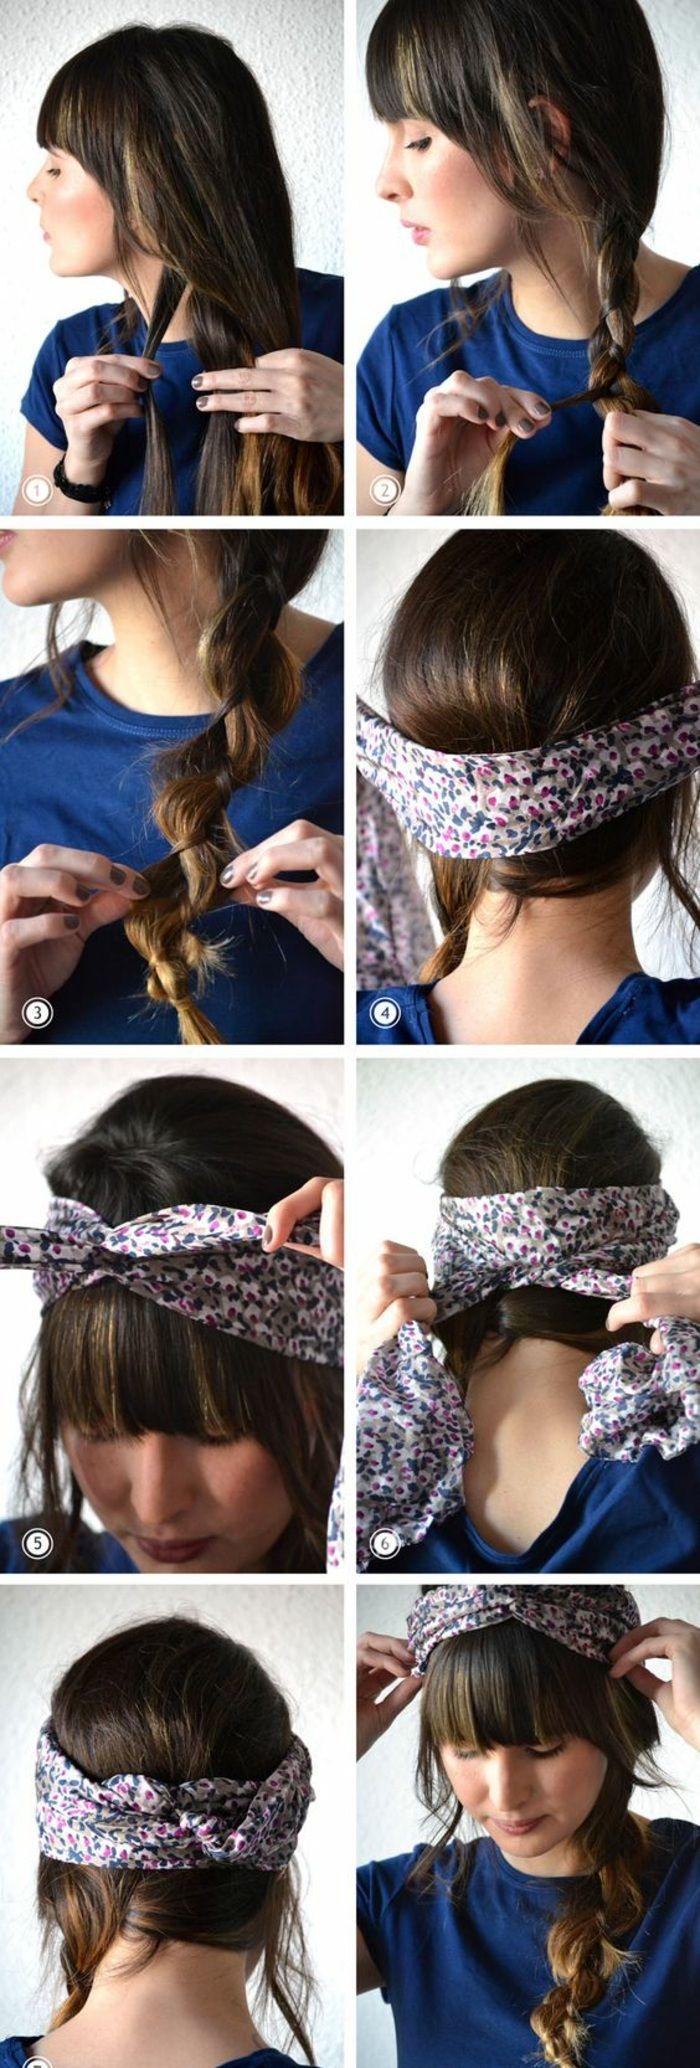 Bandana Binden Blaue Bluse Buntes Haarband Braune Haare Zopf Alltagsfrisur In 2020 Haarband Frisur Frisuren Mit Bandana Frisuren Mit Zopf